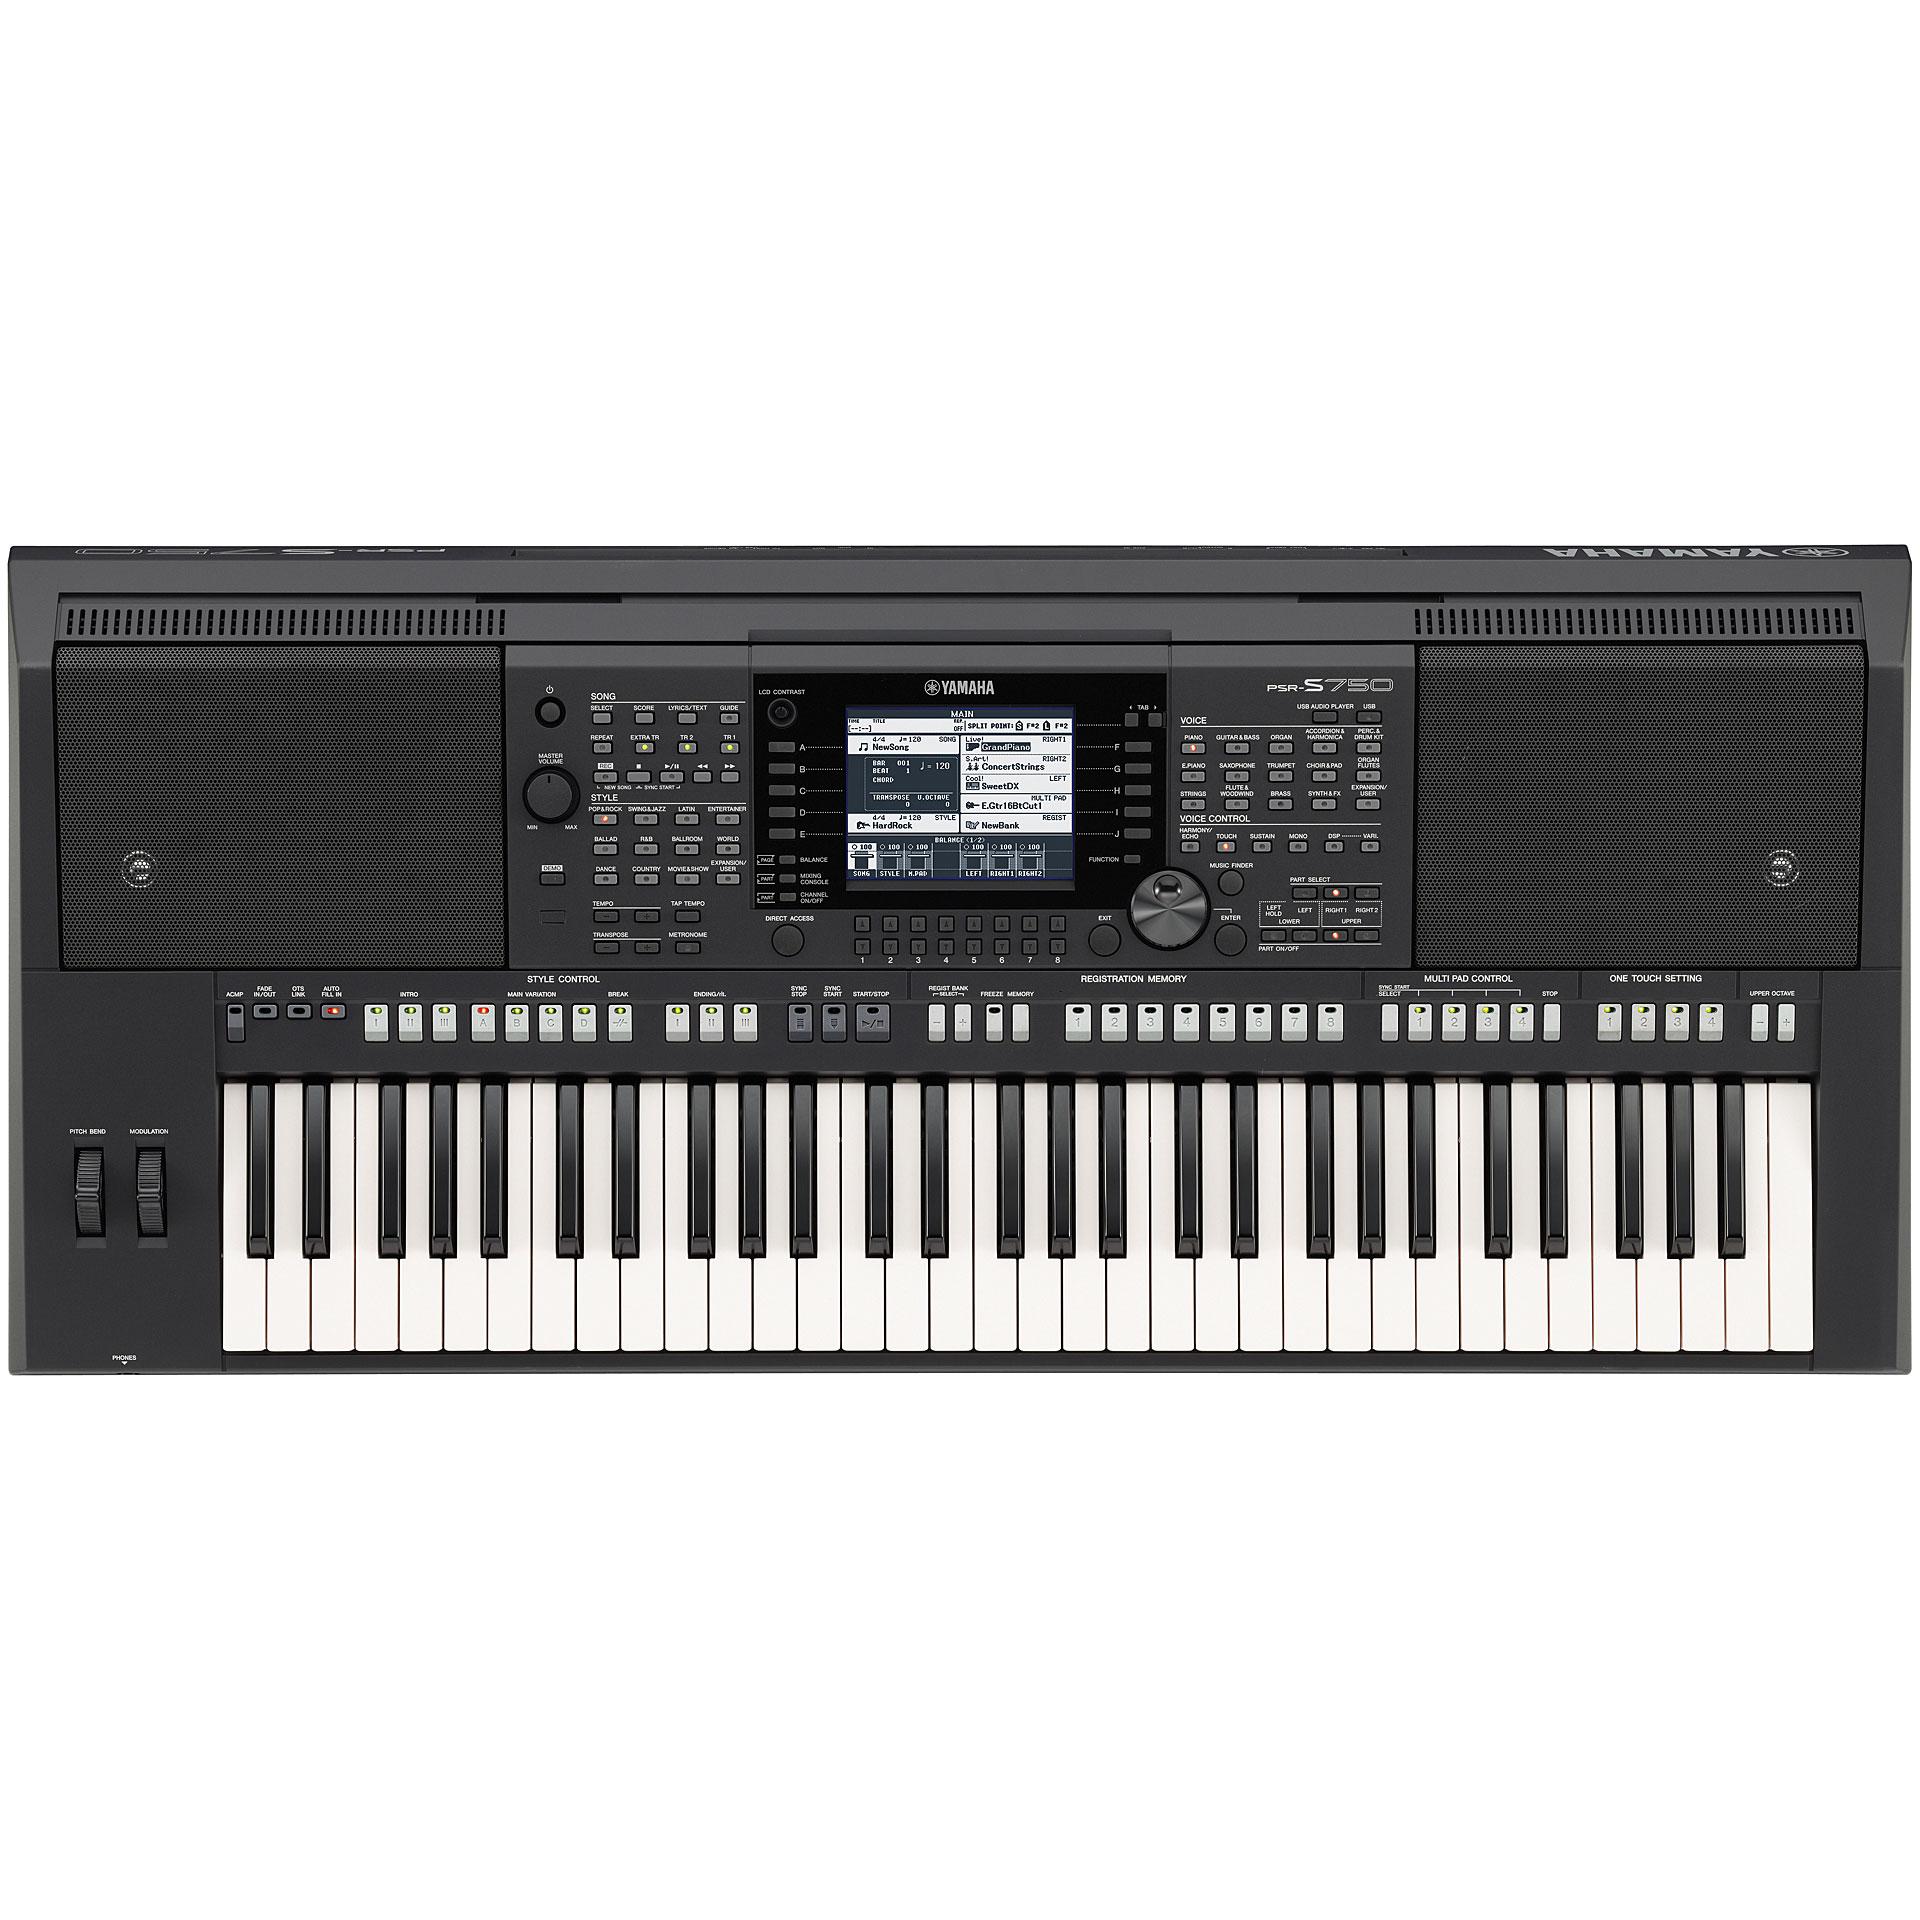 yamaha psr s750 keyboard. Black Bedroom Furniture Sets. Home Design Ideas